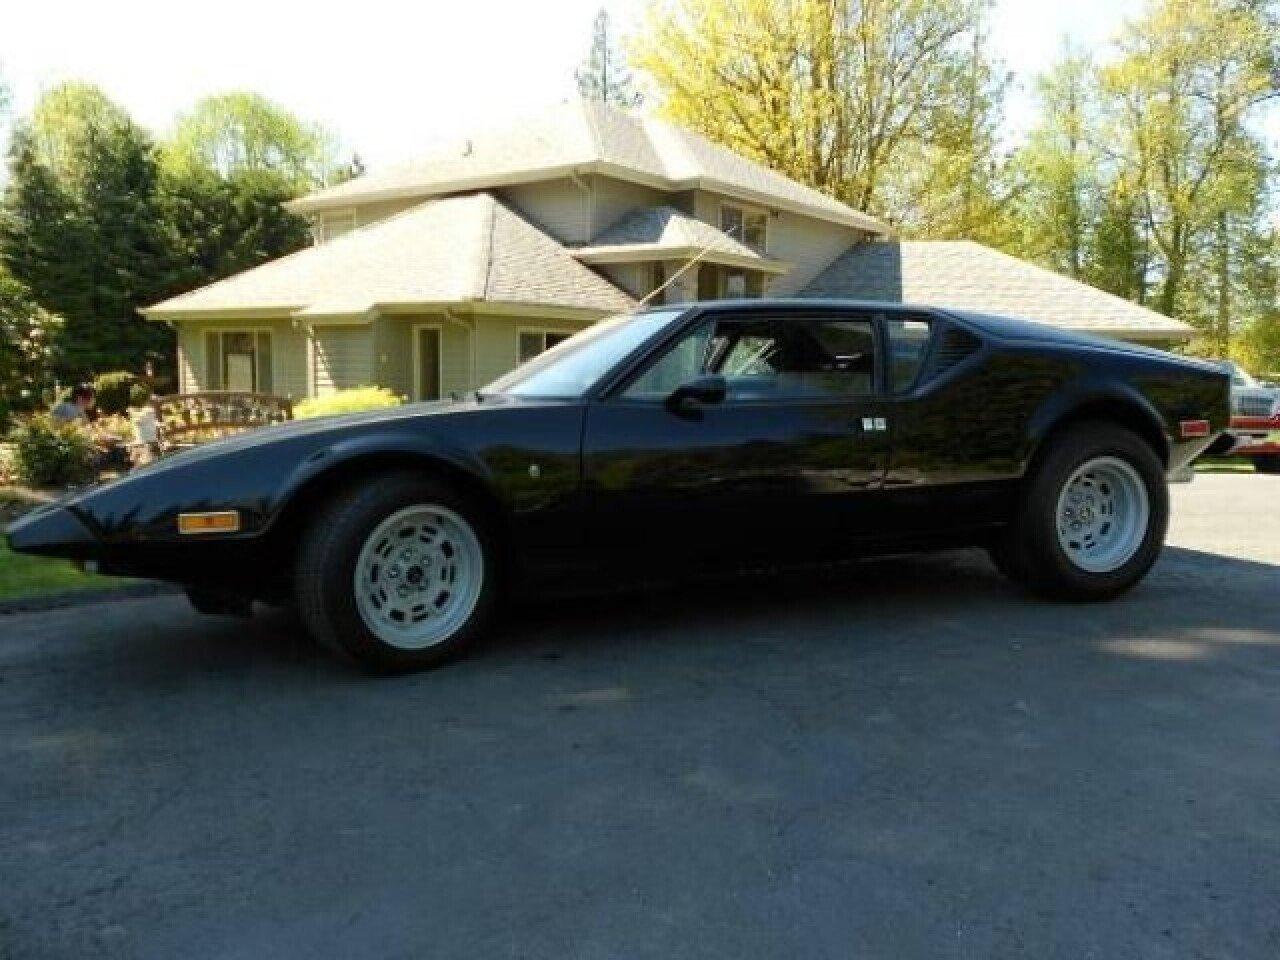 Classic Cars For Sale Auto Trader Com: 1973 De Tomaso Pantera For Sale Near Cadillac, Michigan